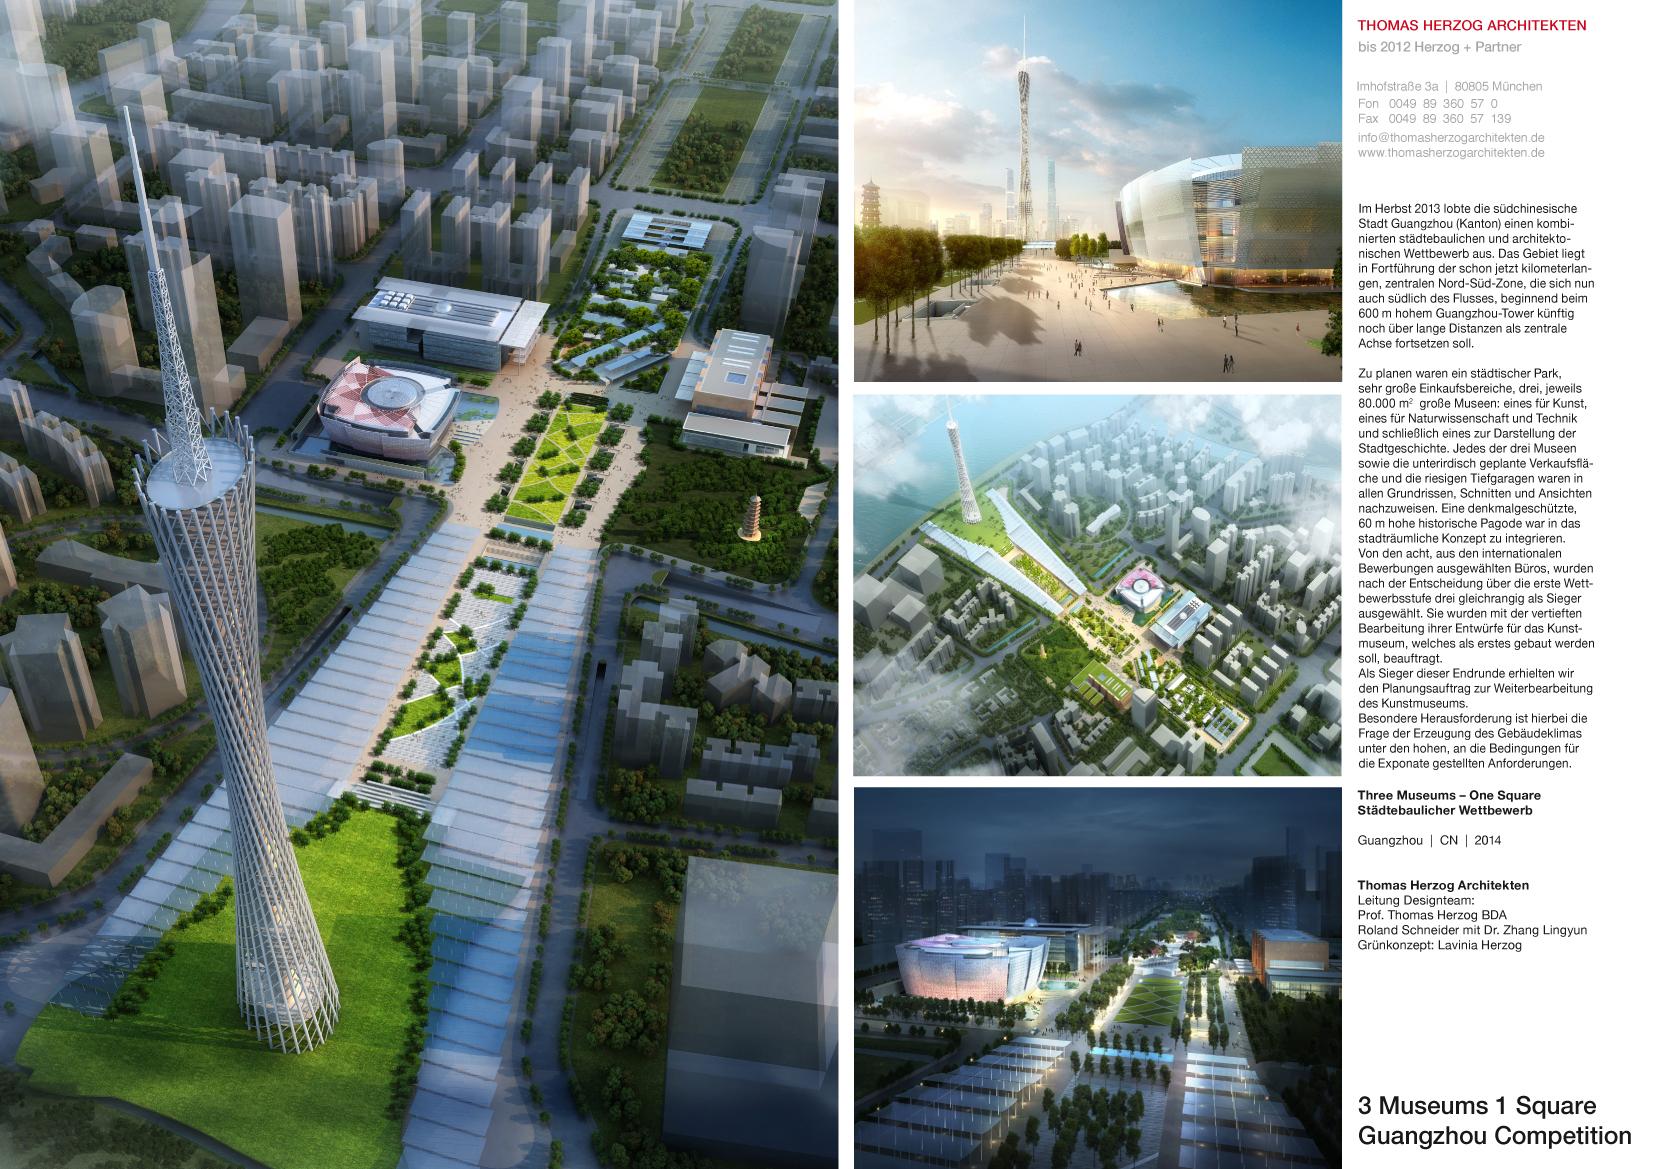 Wettbewerb 1.Preis Drei Museen Ein Platz Guangzhou CN 2014